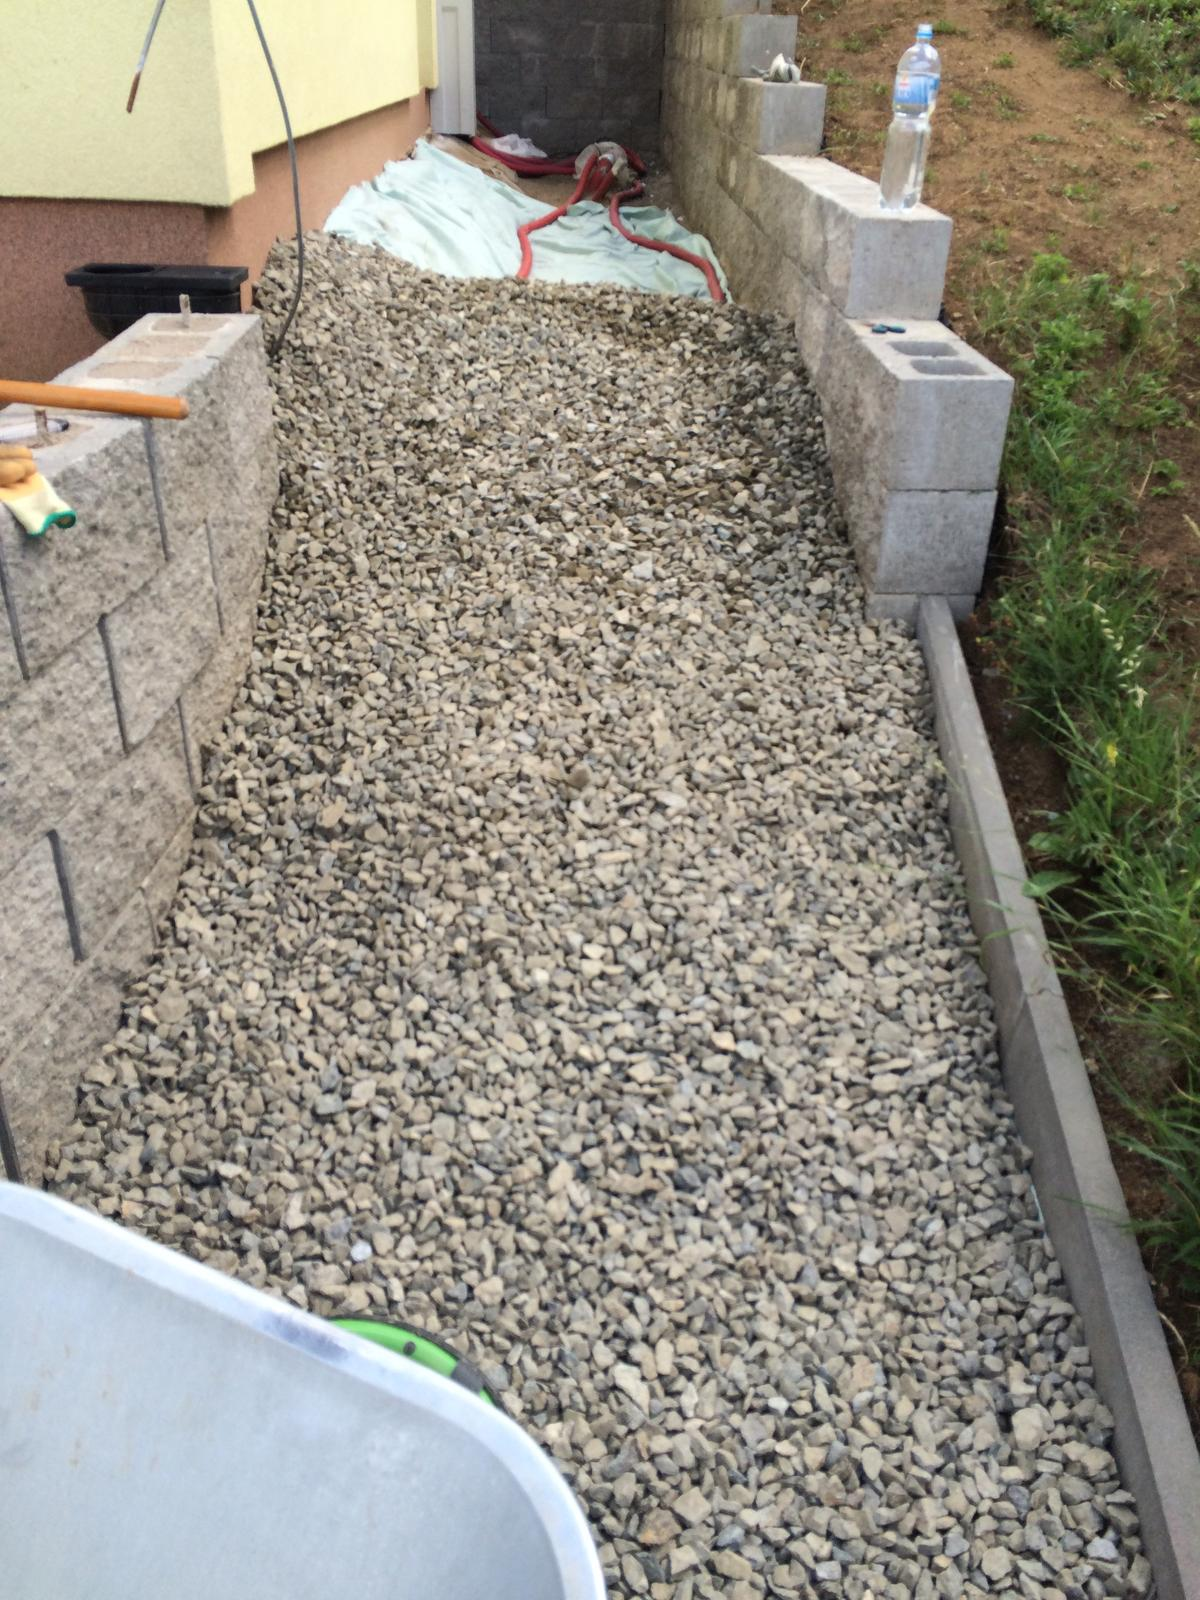 Fáze druhá ... zahrada - Červenec 2016 - dosypání štěrku až ke hlavnímu vchodu do domu